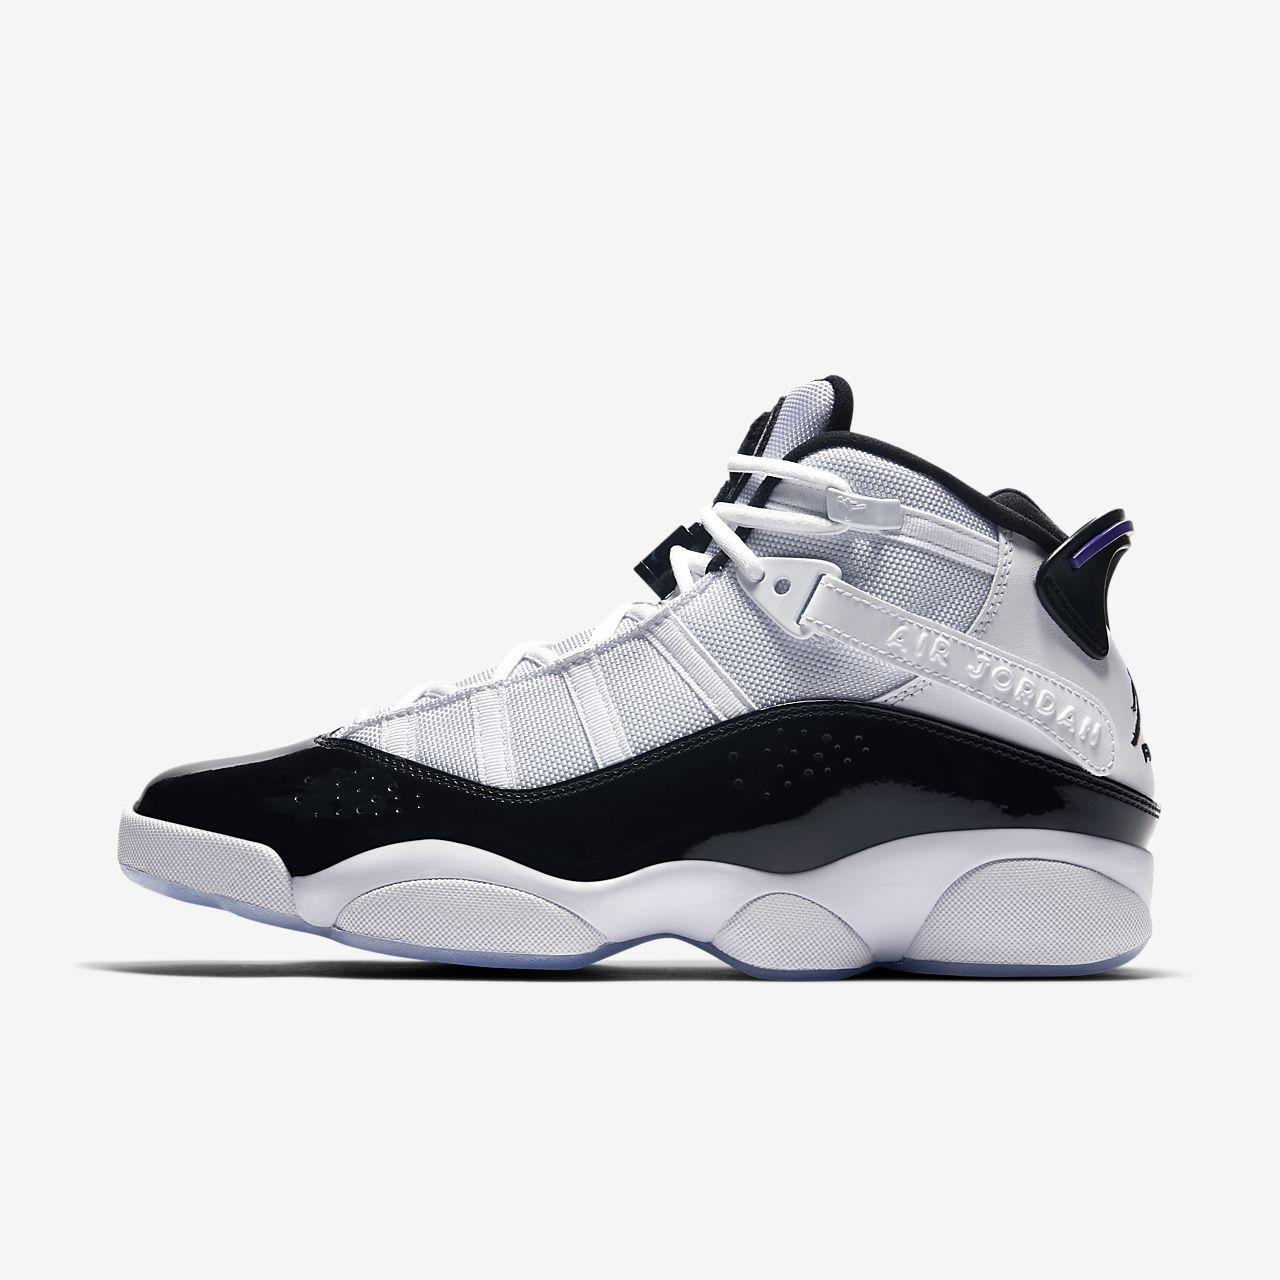 Nike Air Jordan 6 Anillos De Los Zapatos compra barato clásico venta de Manchester 7UXT9NIQ